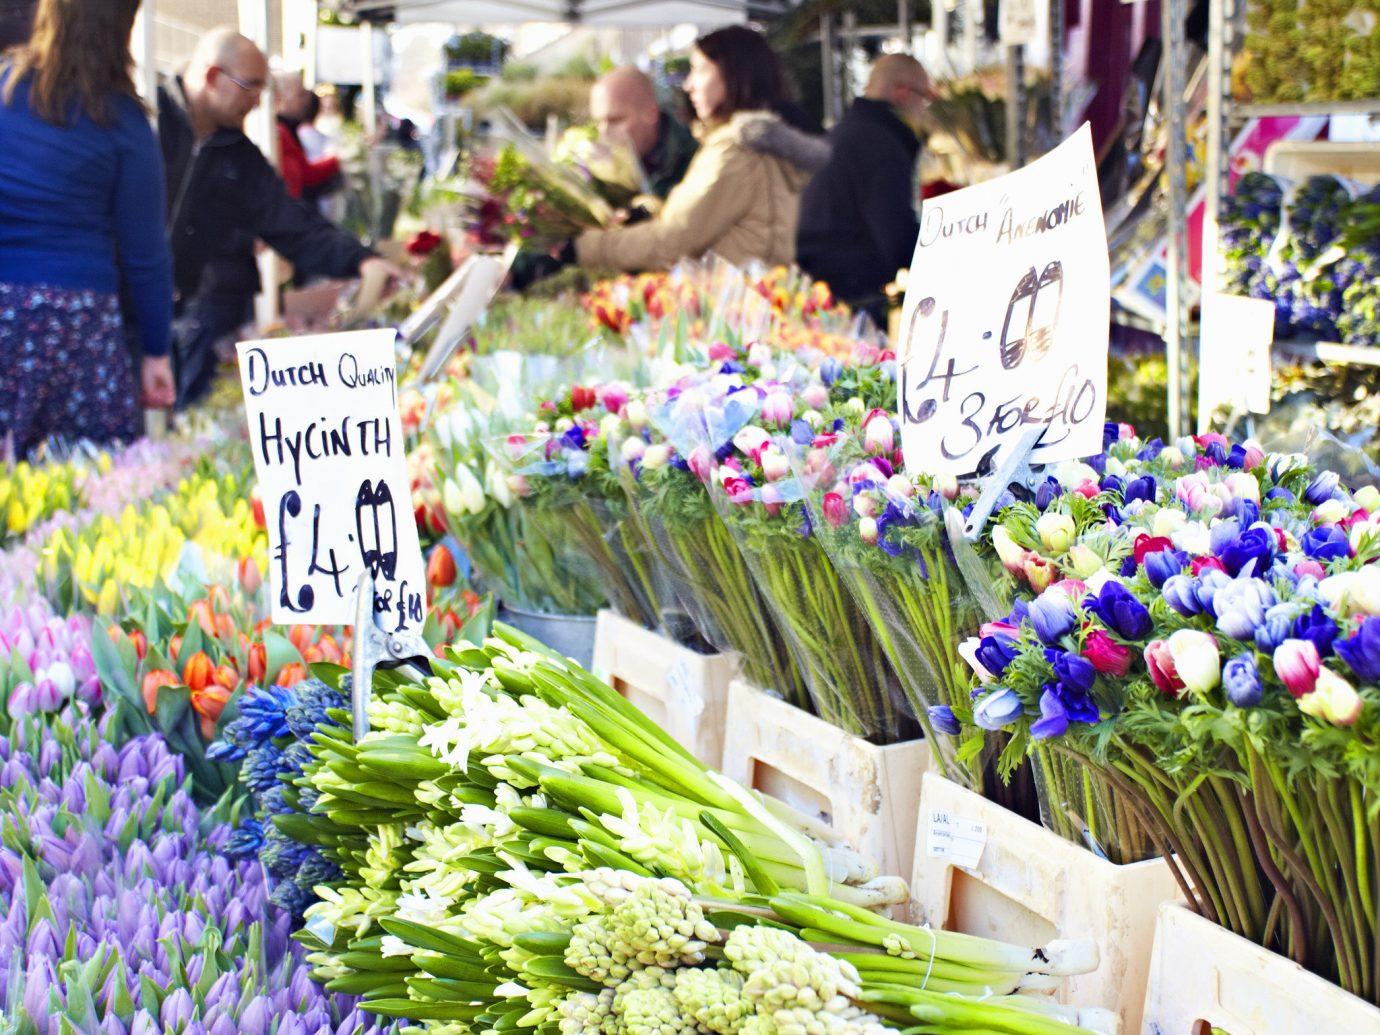 marketplace market City public space flower human settlement floristry plant scene vendor vegetable